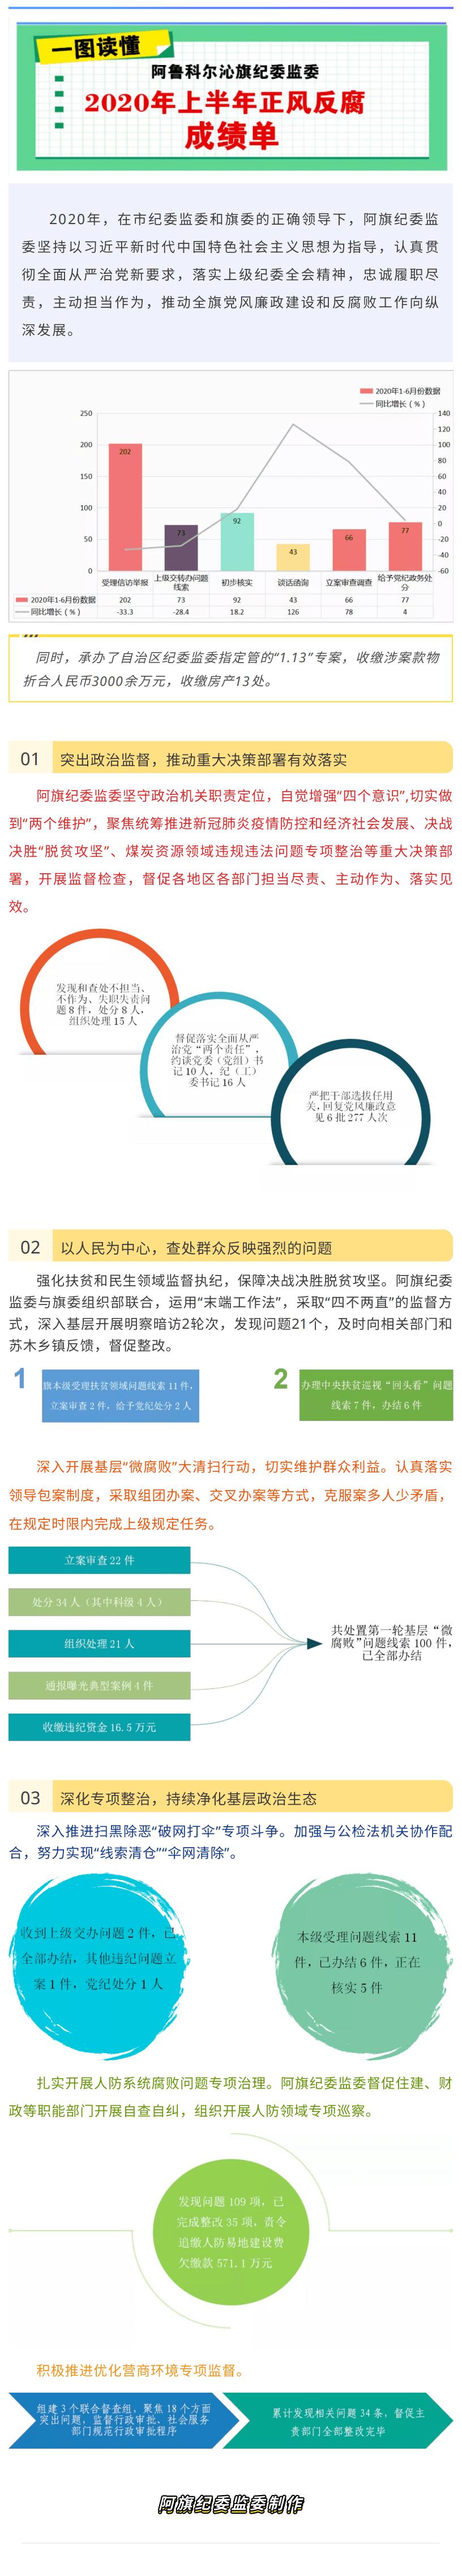 图为了解阿鲁科尔沁旗纪委监委上半年正风反腐